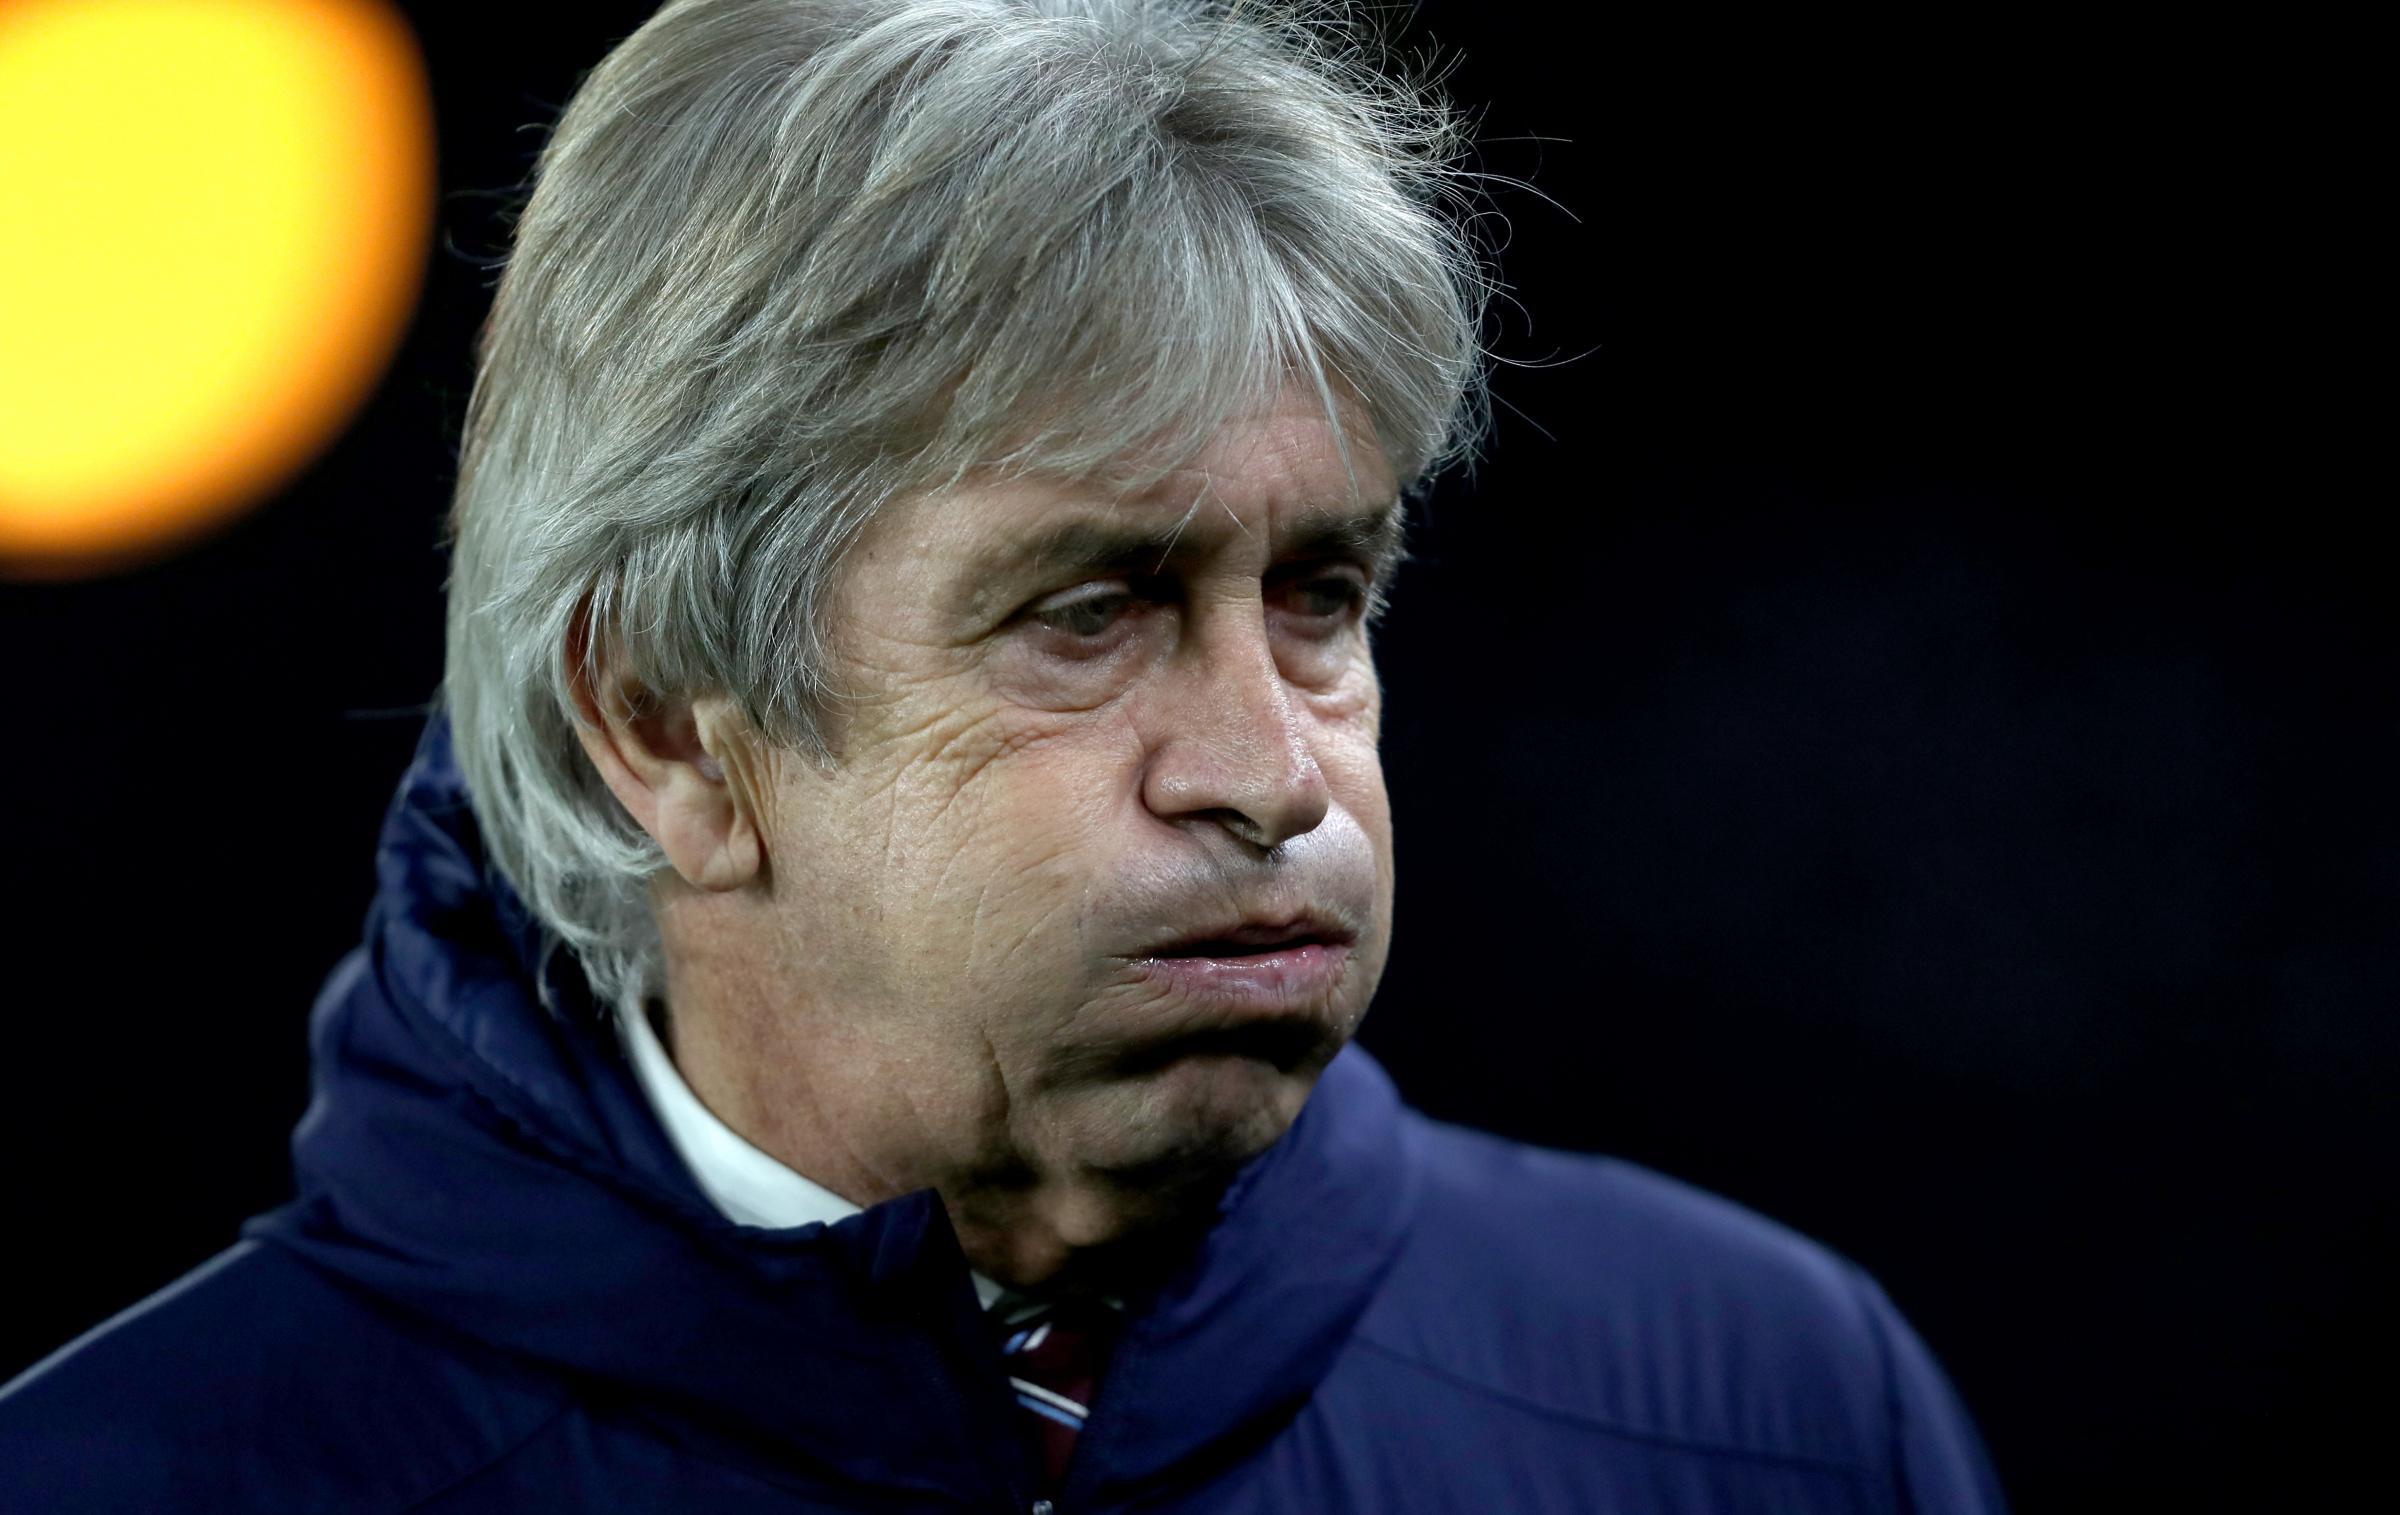 West Ham boss Manuel Pellegrini believes he has the board's support